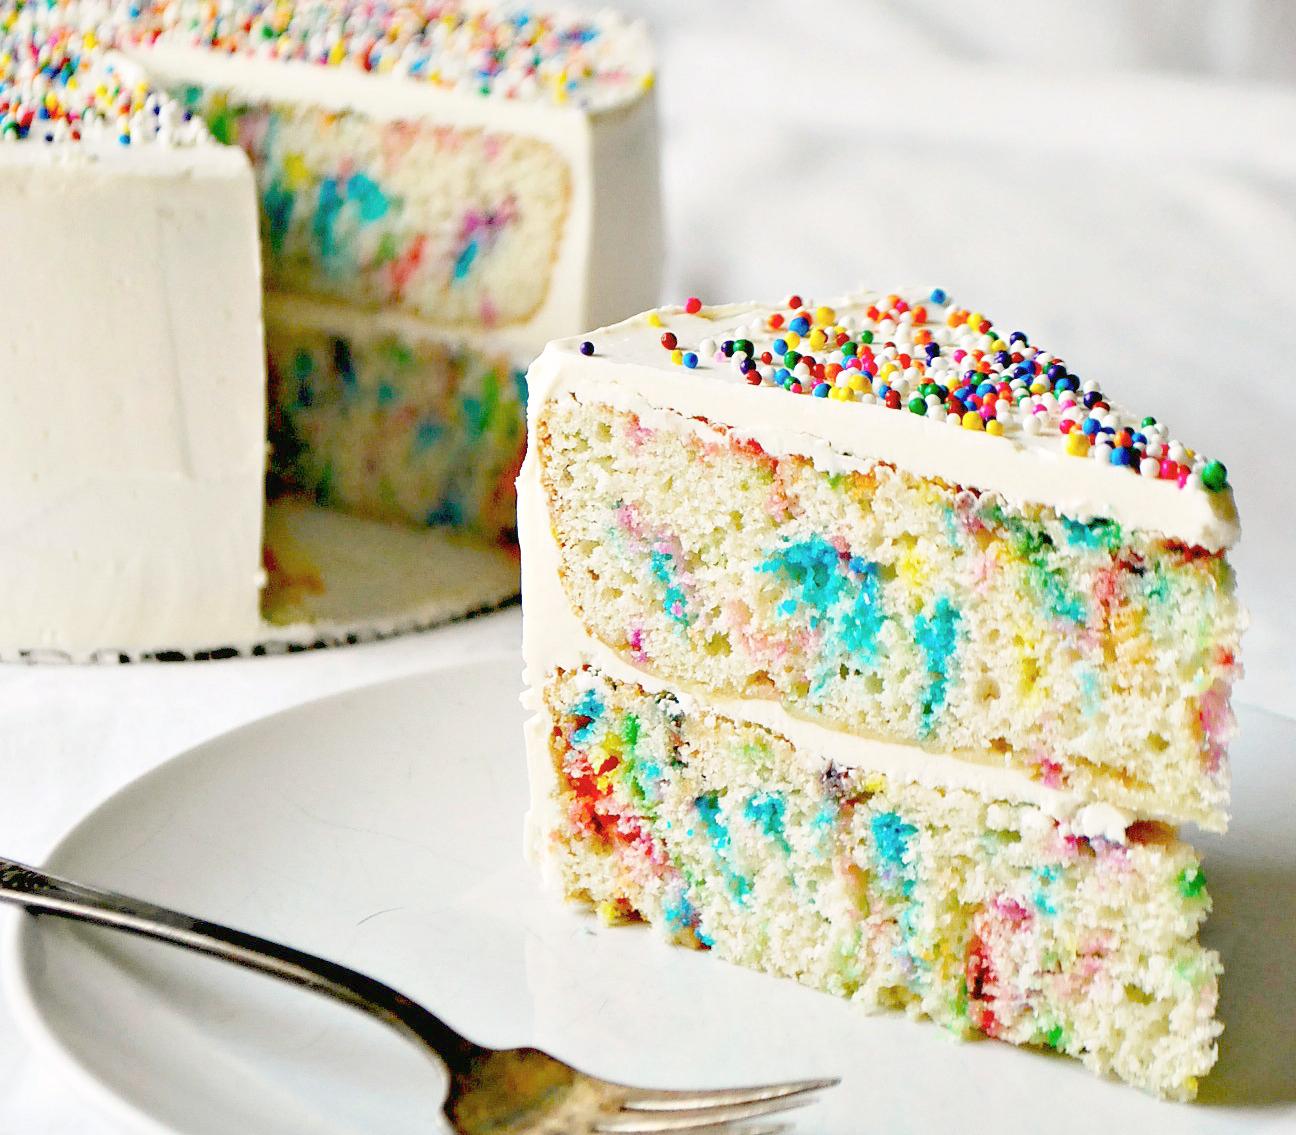 Slice of vanilla birthday cake